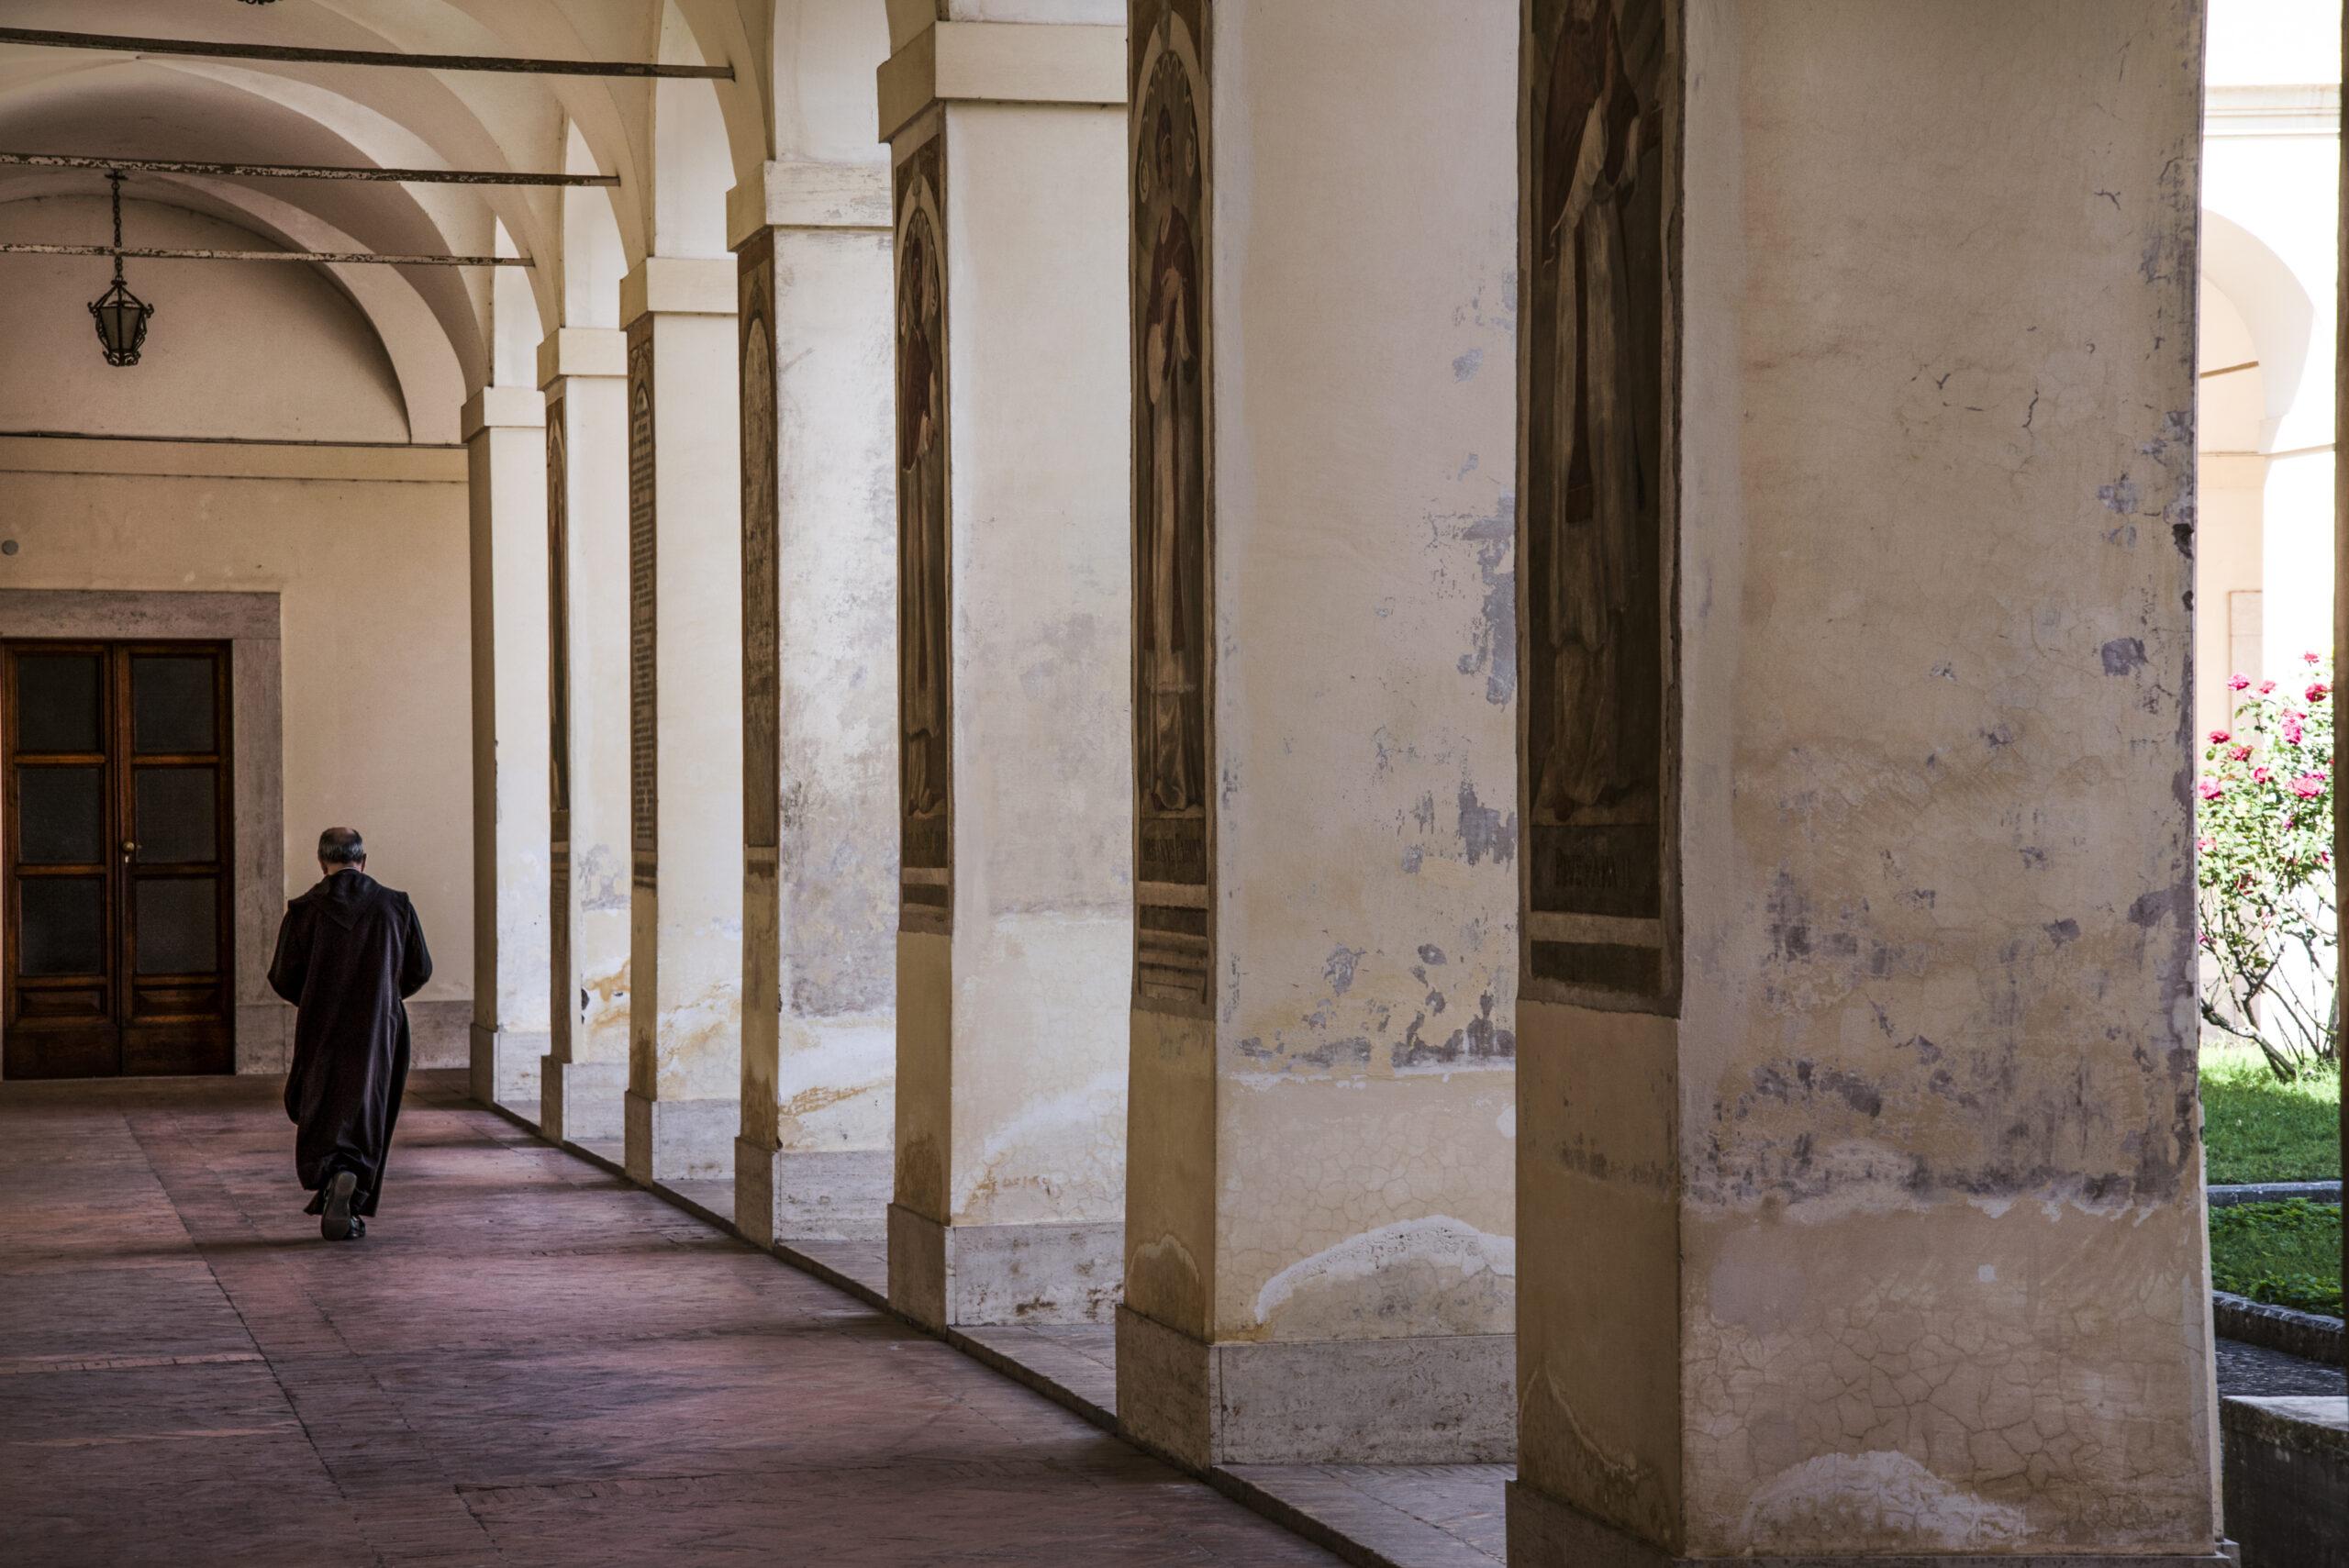 abbazia di s scolastica a subiaco ph vgiannella